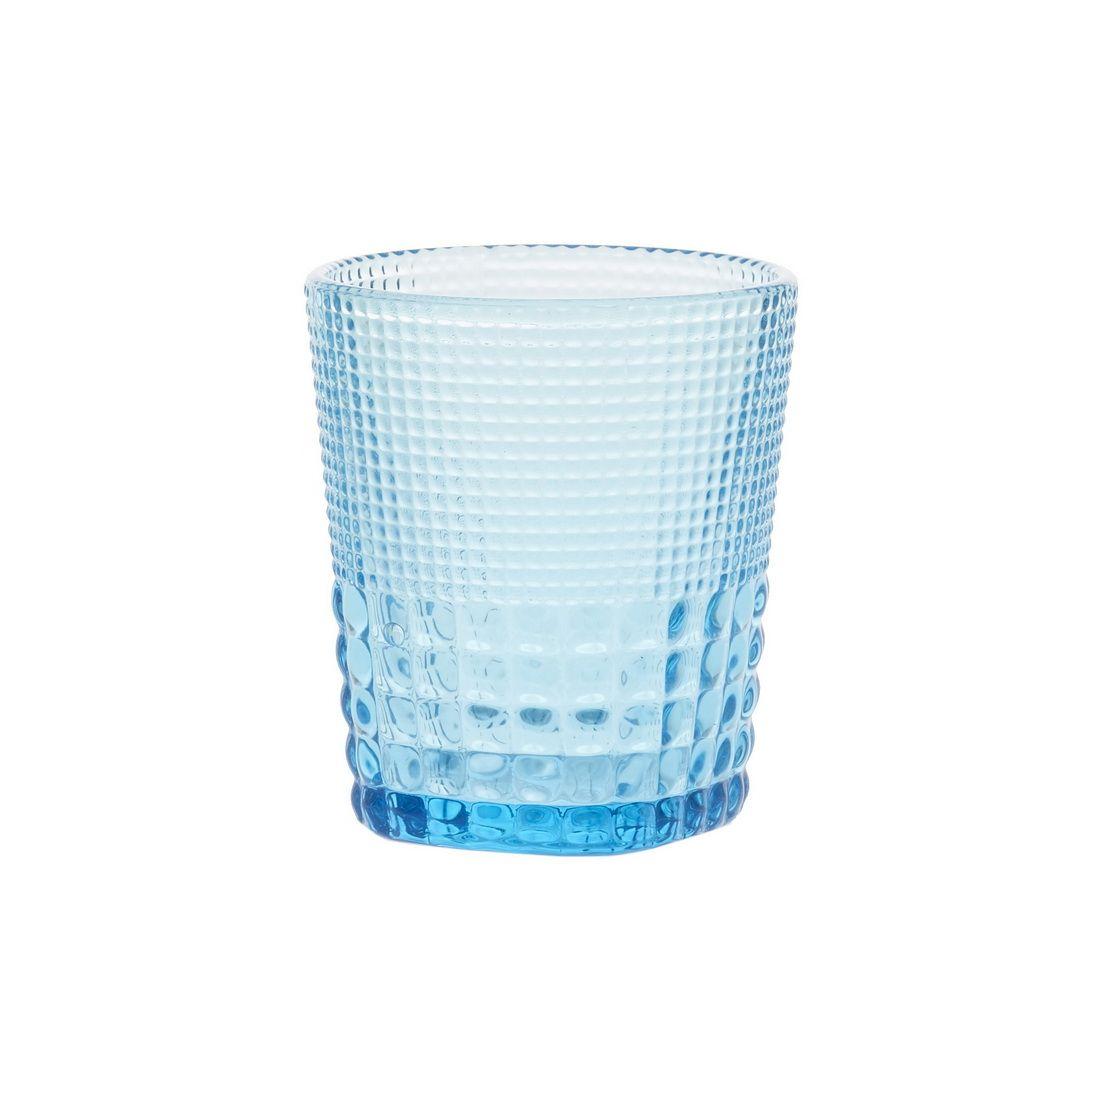 Стакан для напитков Royal dropsСтакан для напитков Ройял дропс будет органичным дополнением любого стола. Это привлекательная модель из голубого стекла, которая замечательно украсит новогоднее застолье, праздник в честь юбилея или свадебный стол. Стакан разработан дизайнерами известного бренда Магиа Густо. Он обладает эргономичной формой с легким расширением кверху. Поверхность изделия рельефная, что обеспечивает удобство его использования. Стакан для напитков Ройял дропс универсален. Из него будет приятно пить любые напитки – квас, минеральную воду, сок.<br>